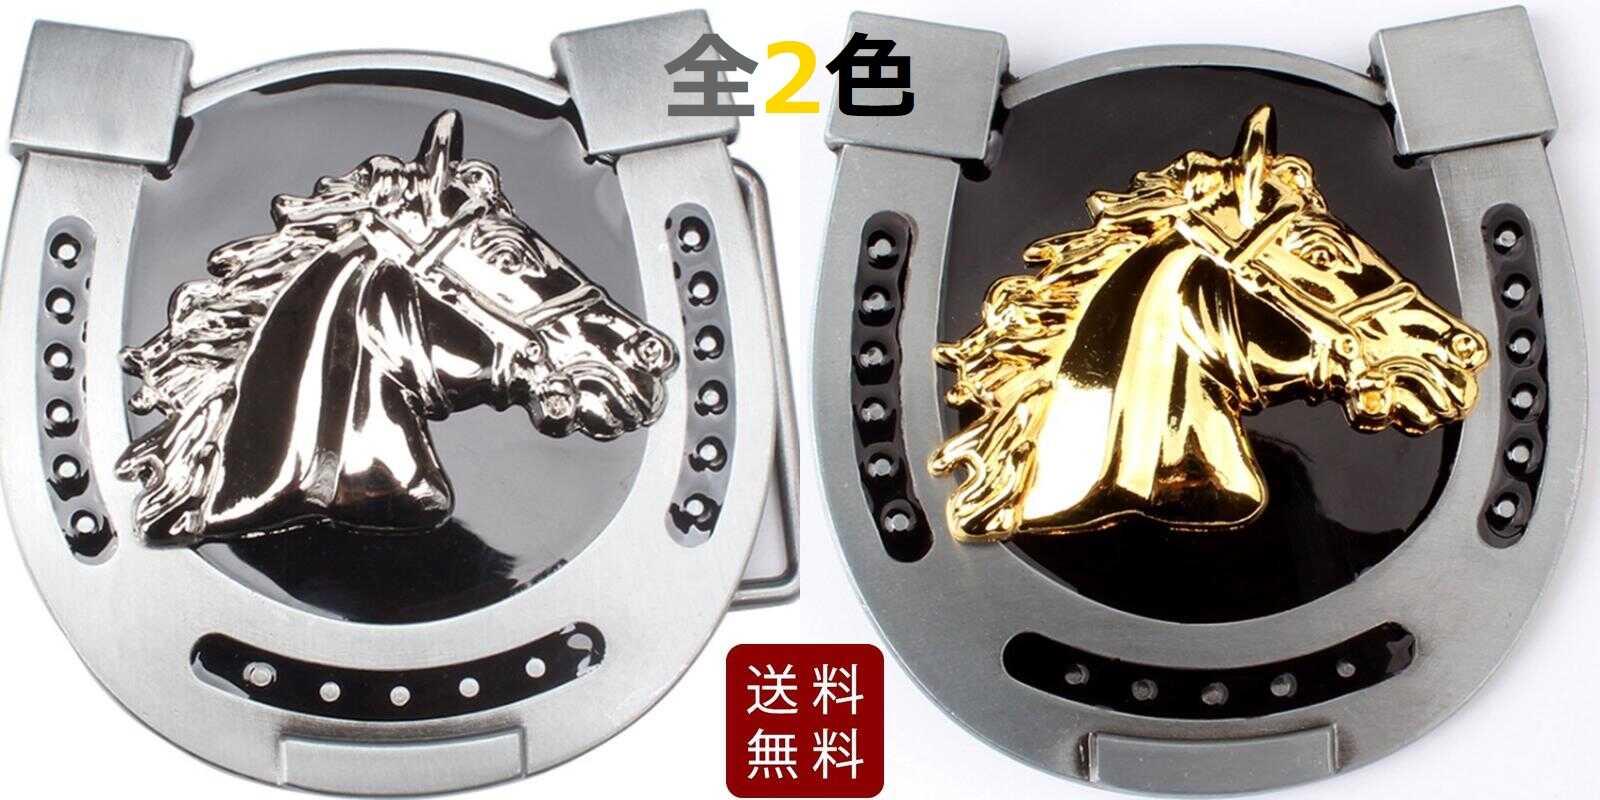 アメリカン 馬 贈答 蹄鉄 バックルのみ 全2色 7.5cmX7.8cm DM便送料無料 完全送料無料 ベルト無し